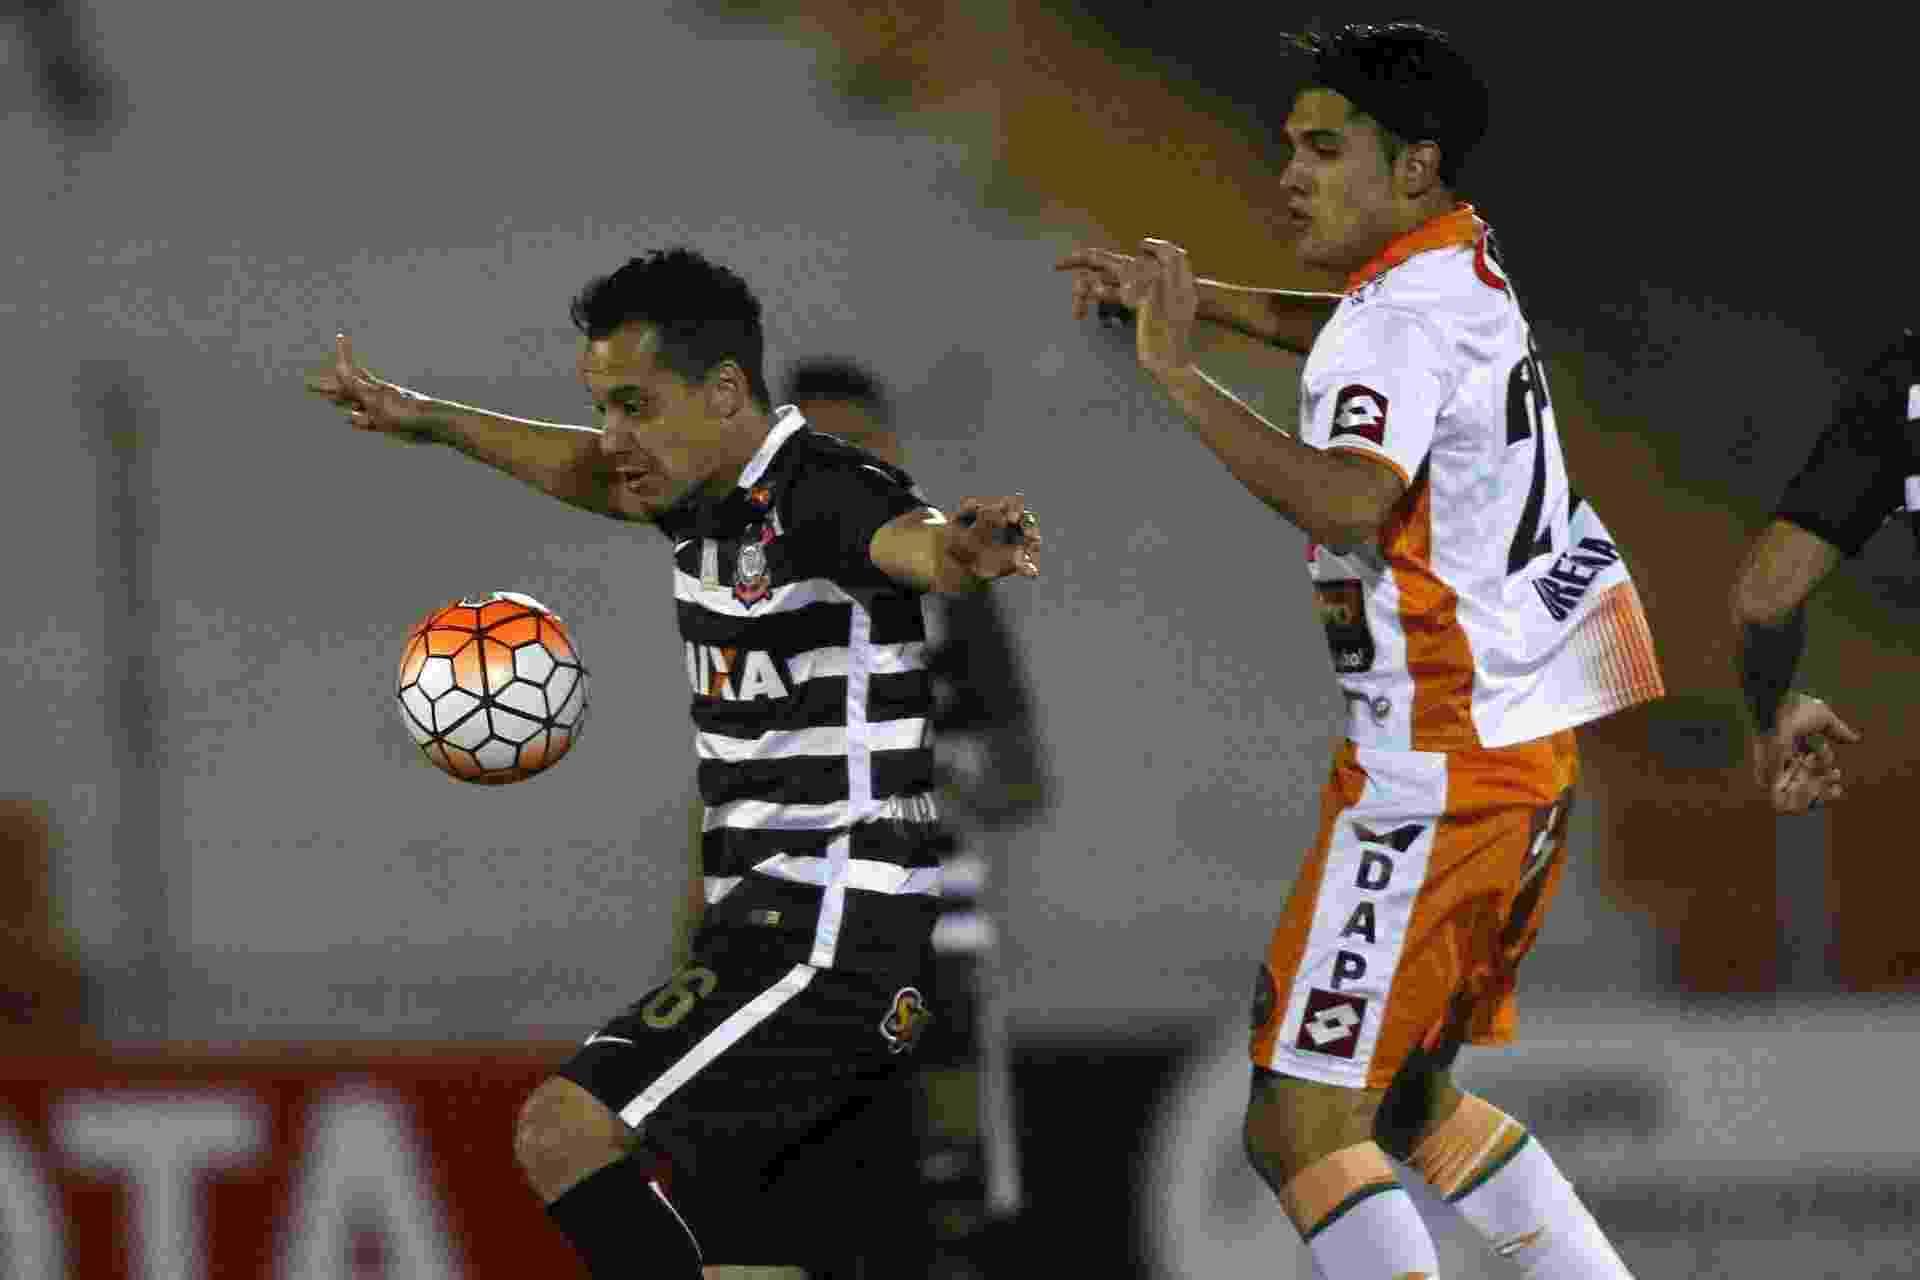 Rodriguinho tenta o domínio de bola para o Corinthians contra o Cobresal na Libertadores - REUTERS/Jaime Maldonado